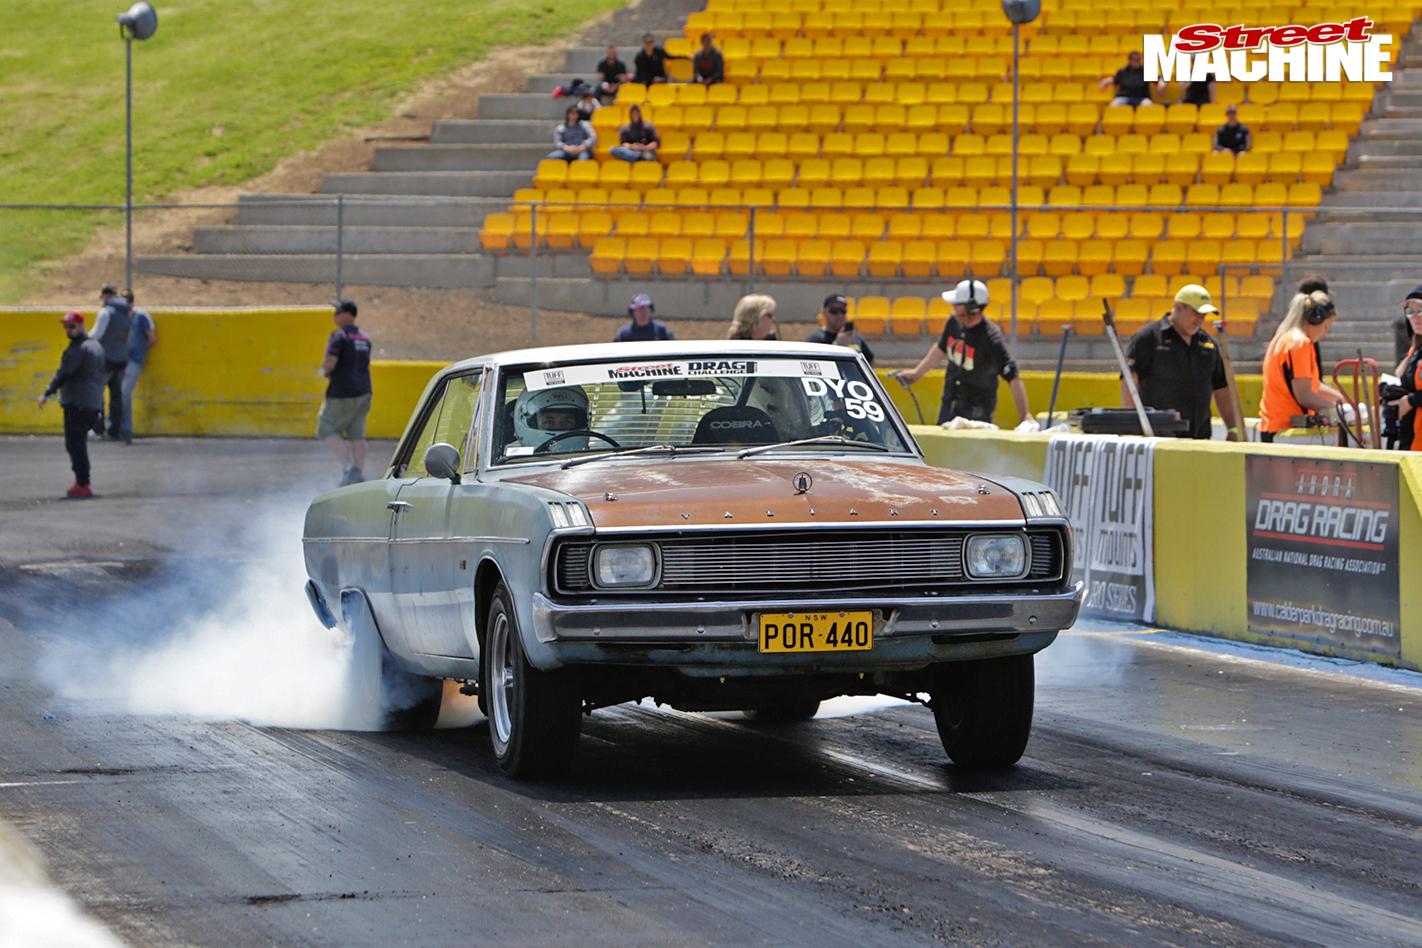 Chrysler -valiant -por 440-1